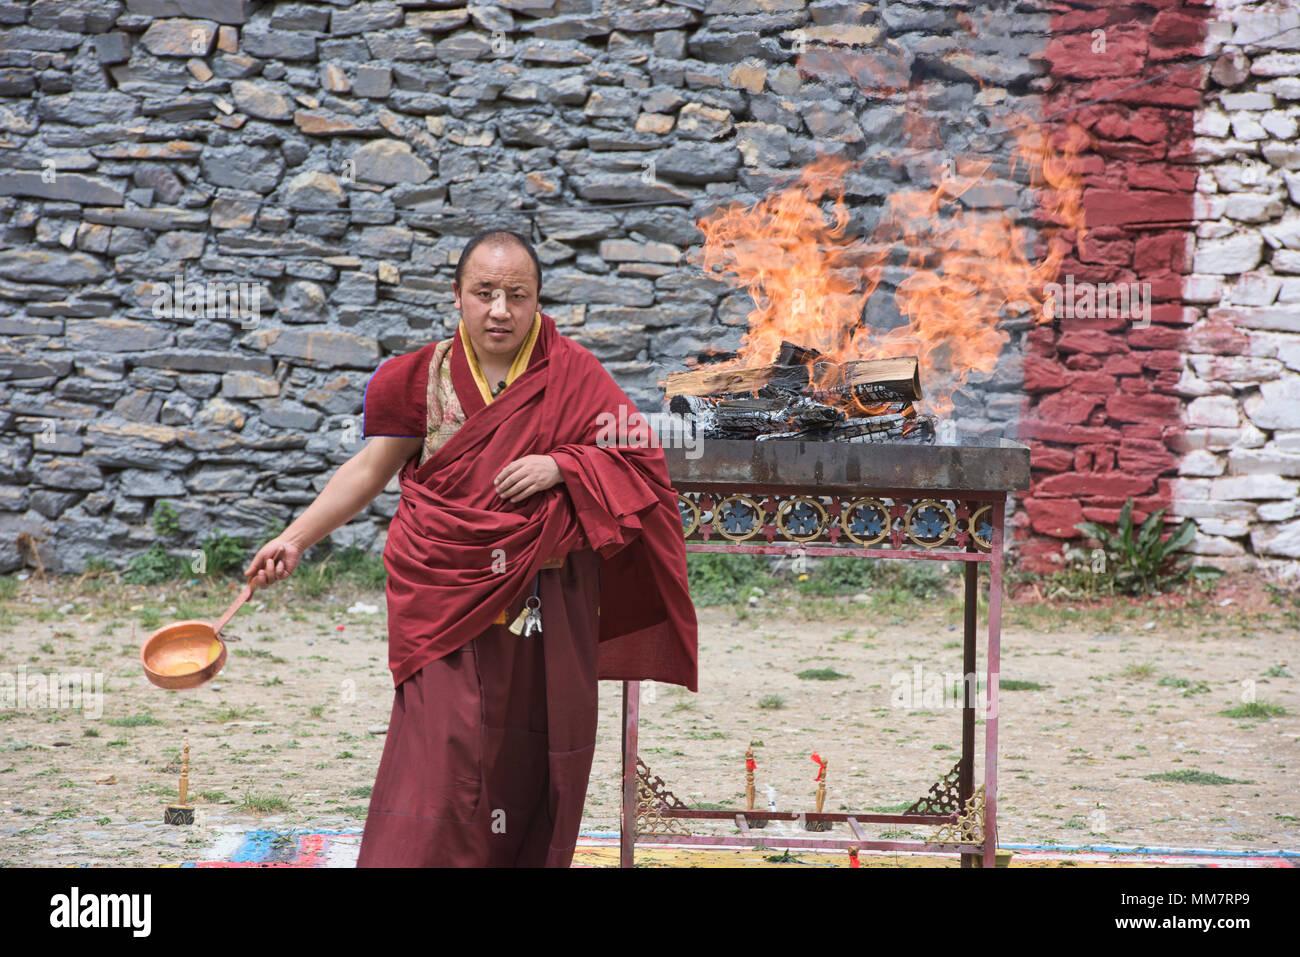 Monje tibetano pone la mantequilla de yak, sobre el incendio del festival de purificación Jinganqumo Dege, Sichuan, China Imagen De Stock